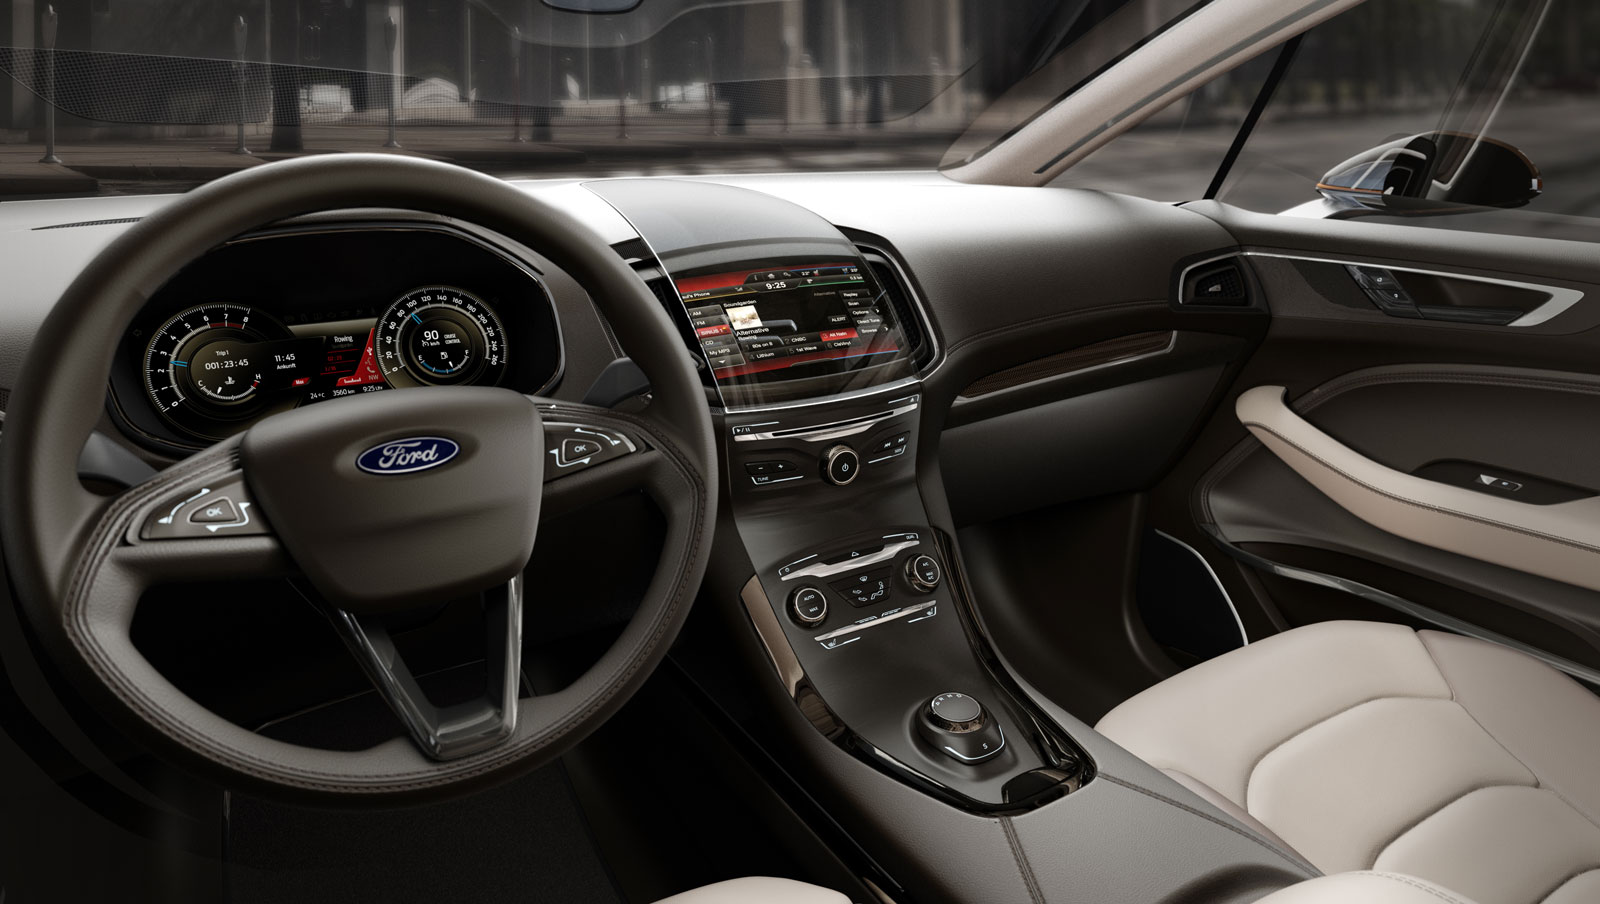 Ford S-MAX Concept Interior - Car Body Design